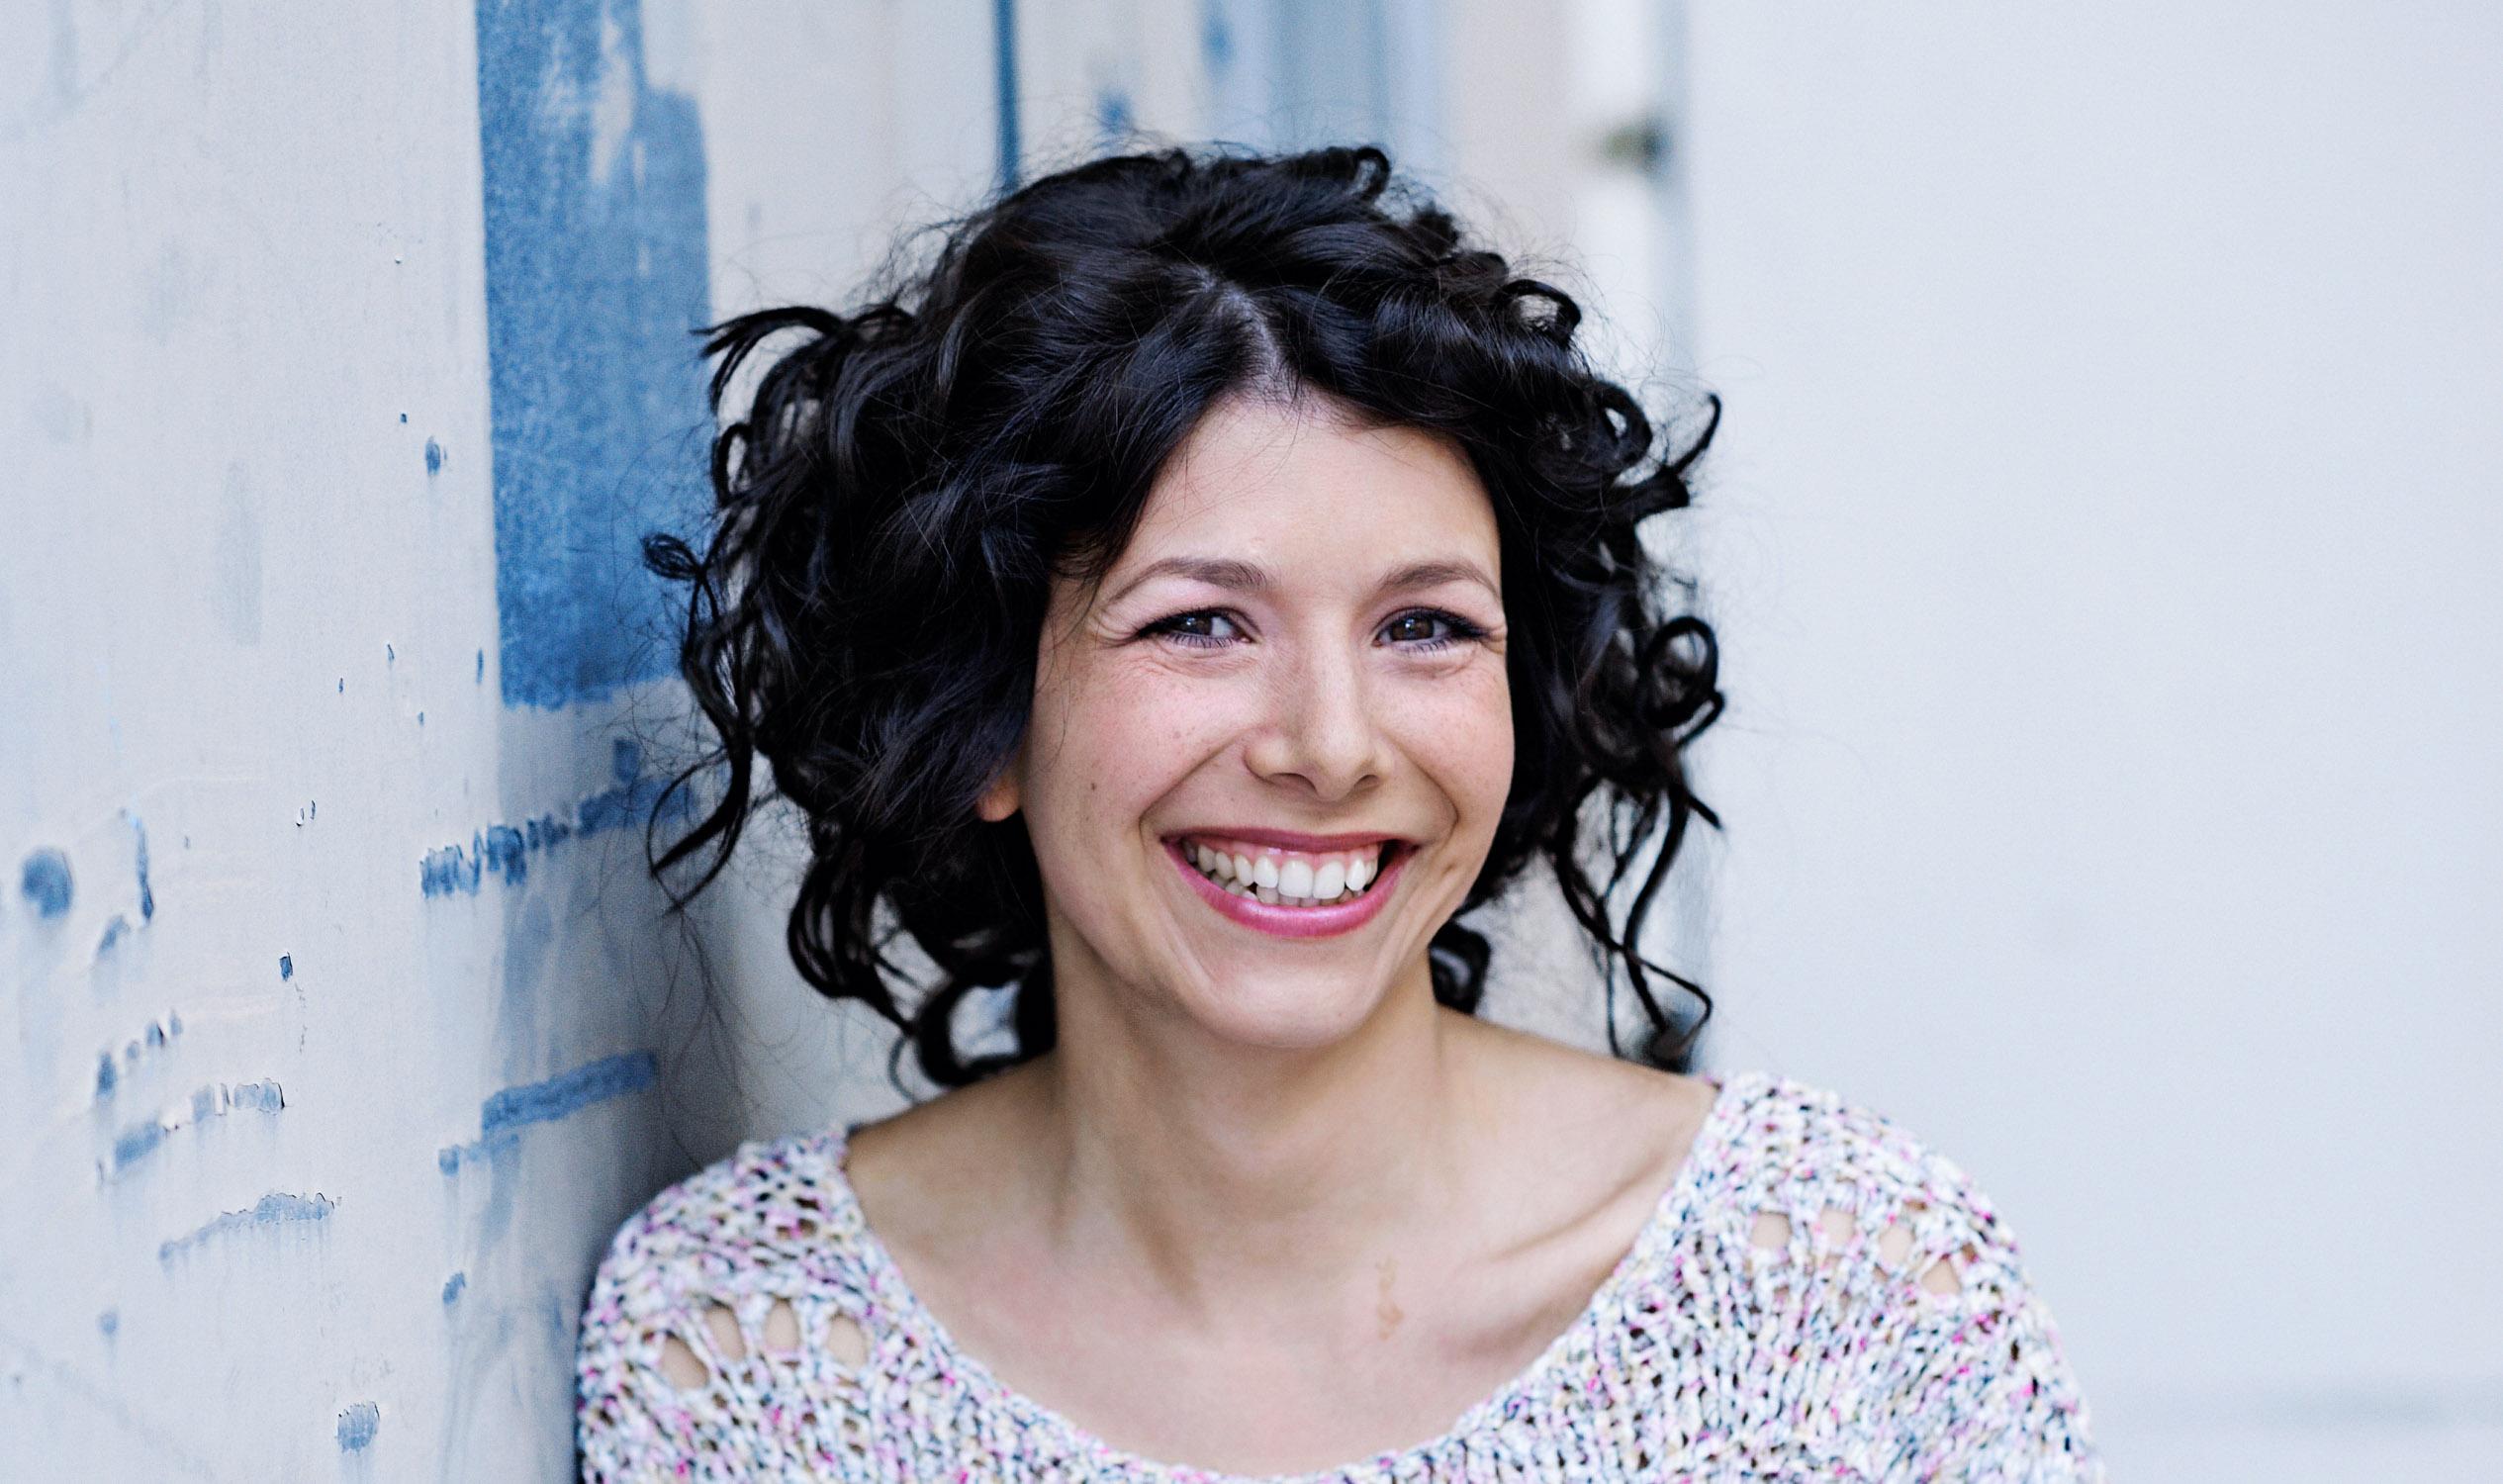 Katja Schanz